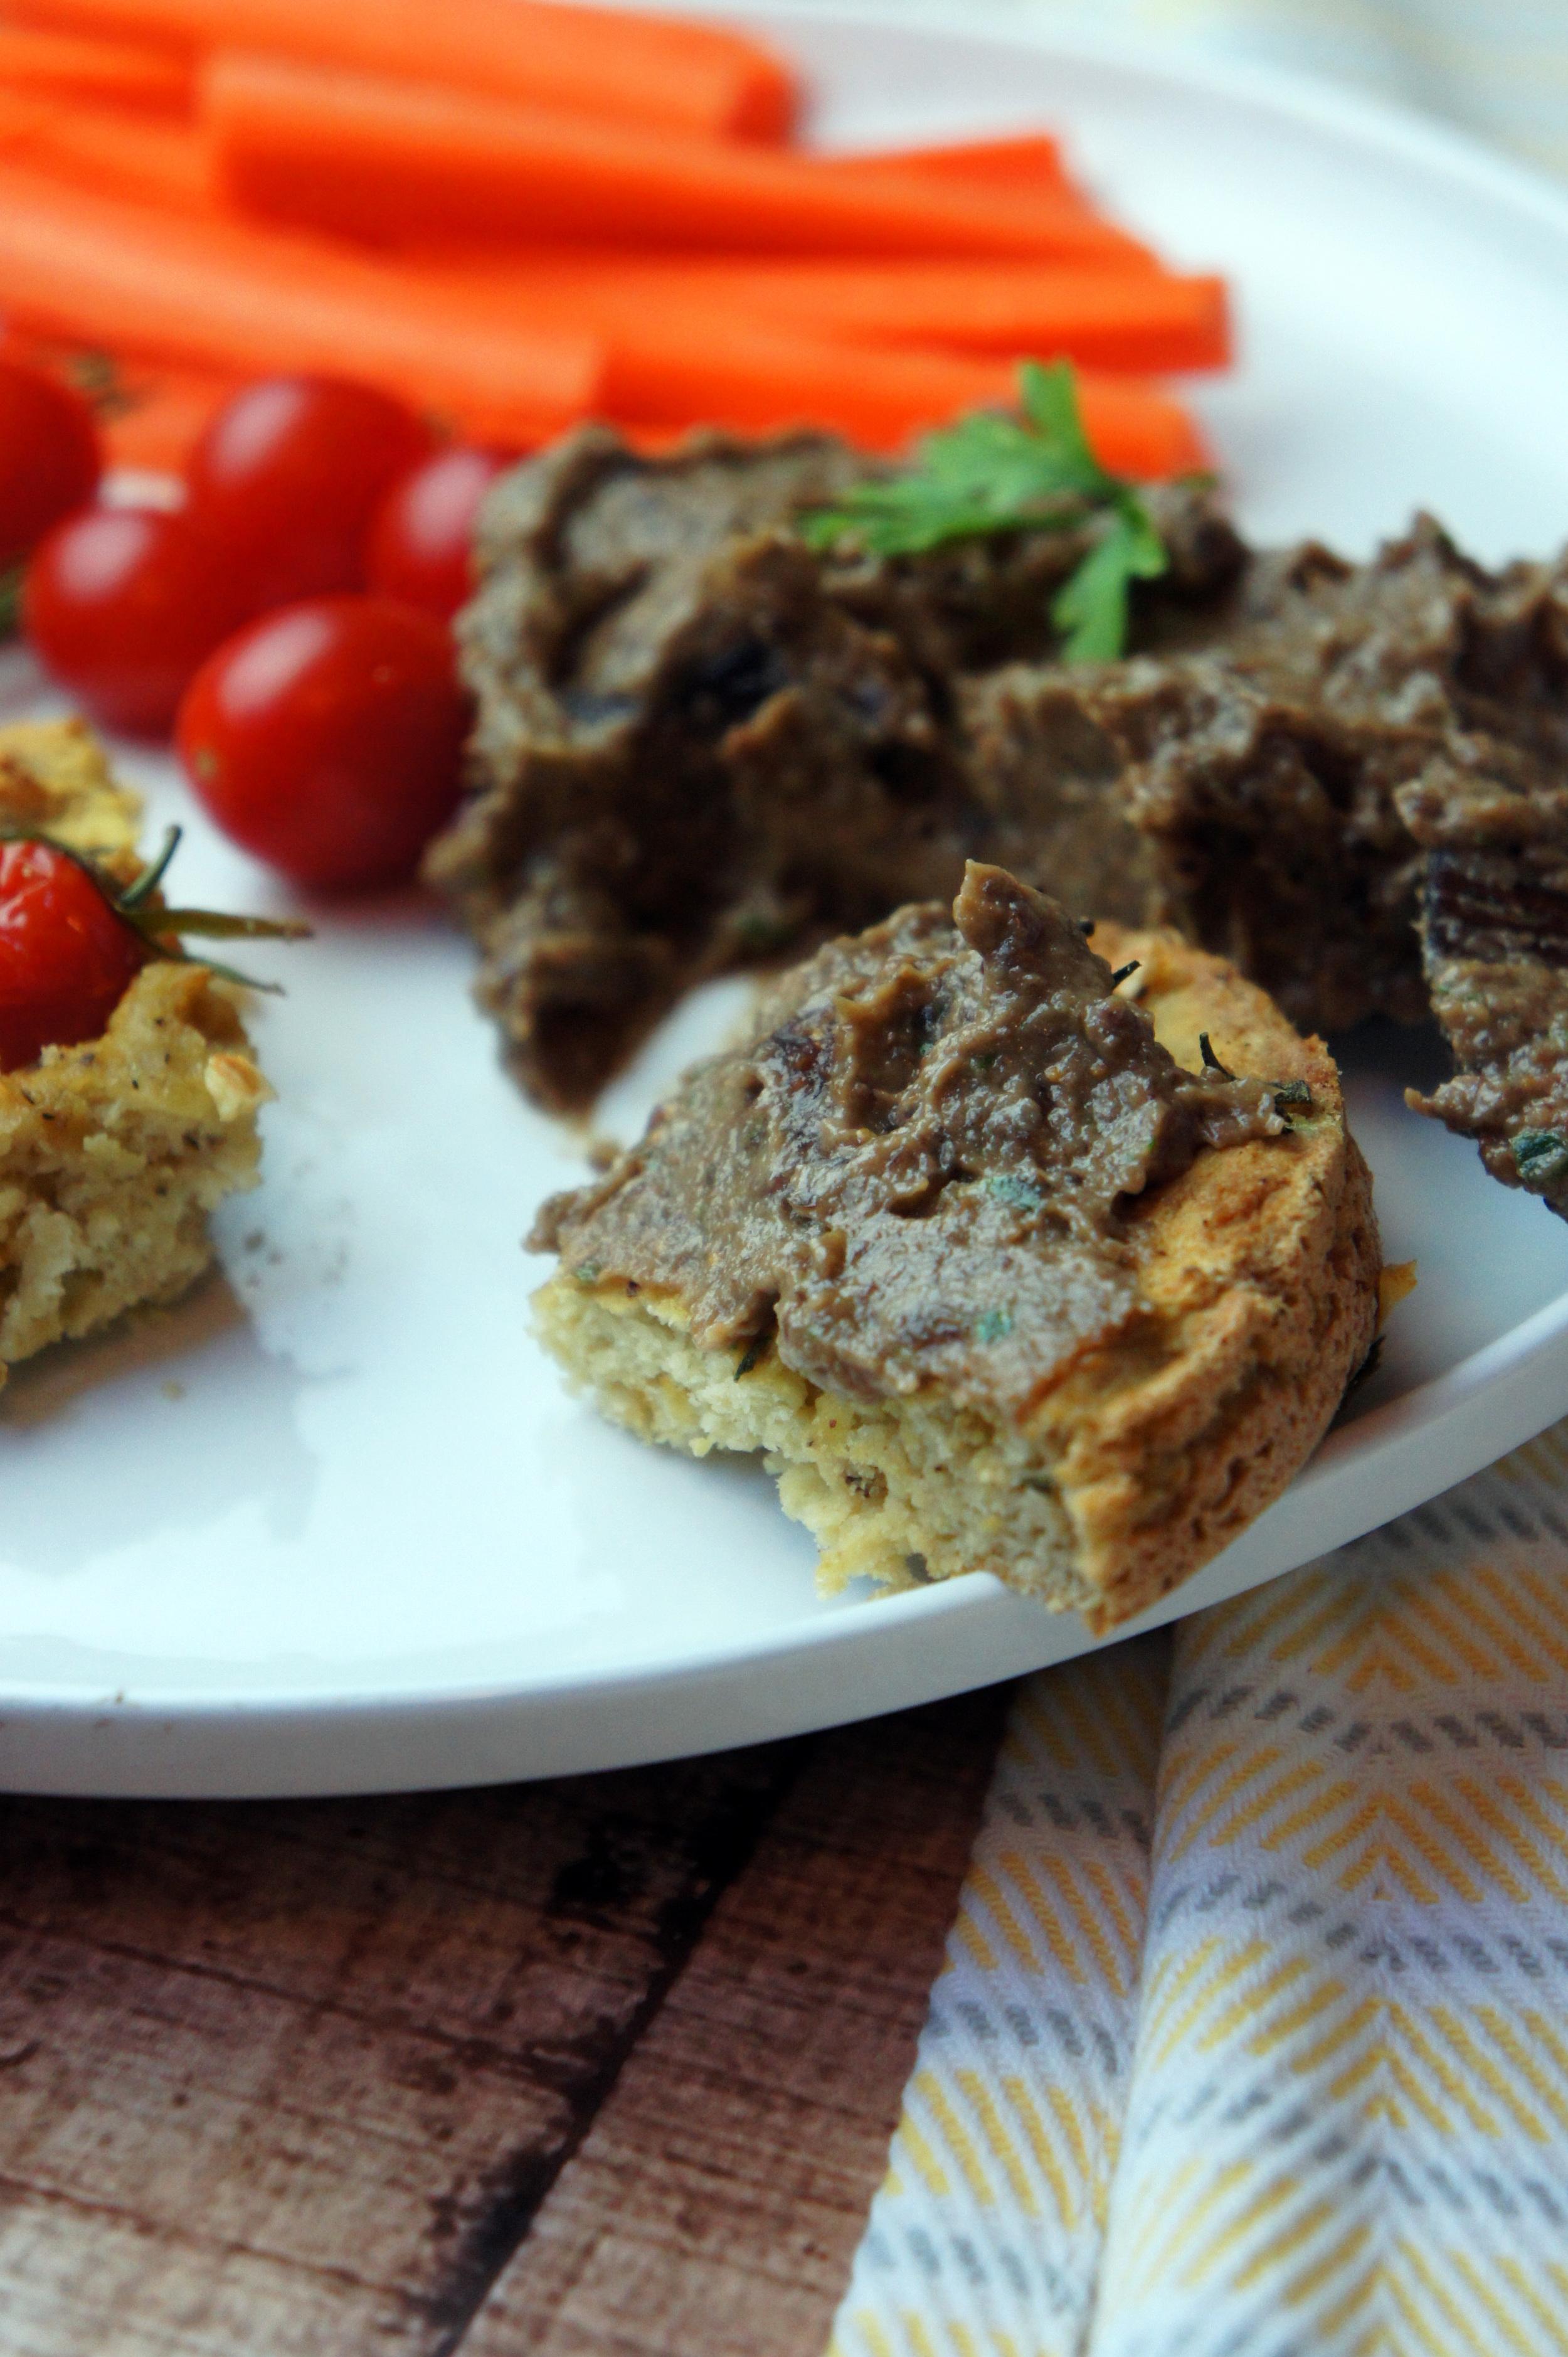 Paleo Italian Focaccia Bread with Figgy-Olive Tapenade